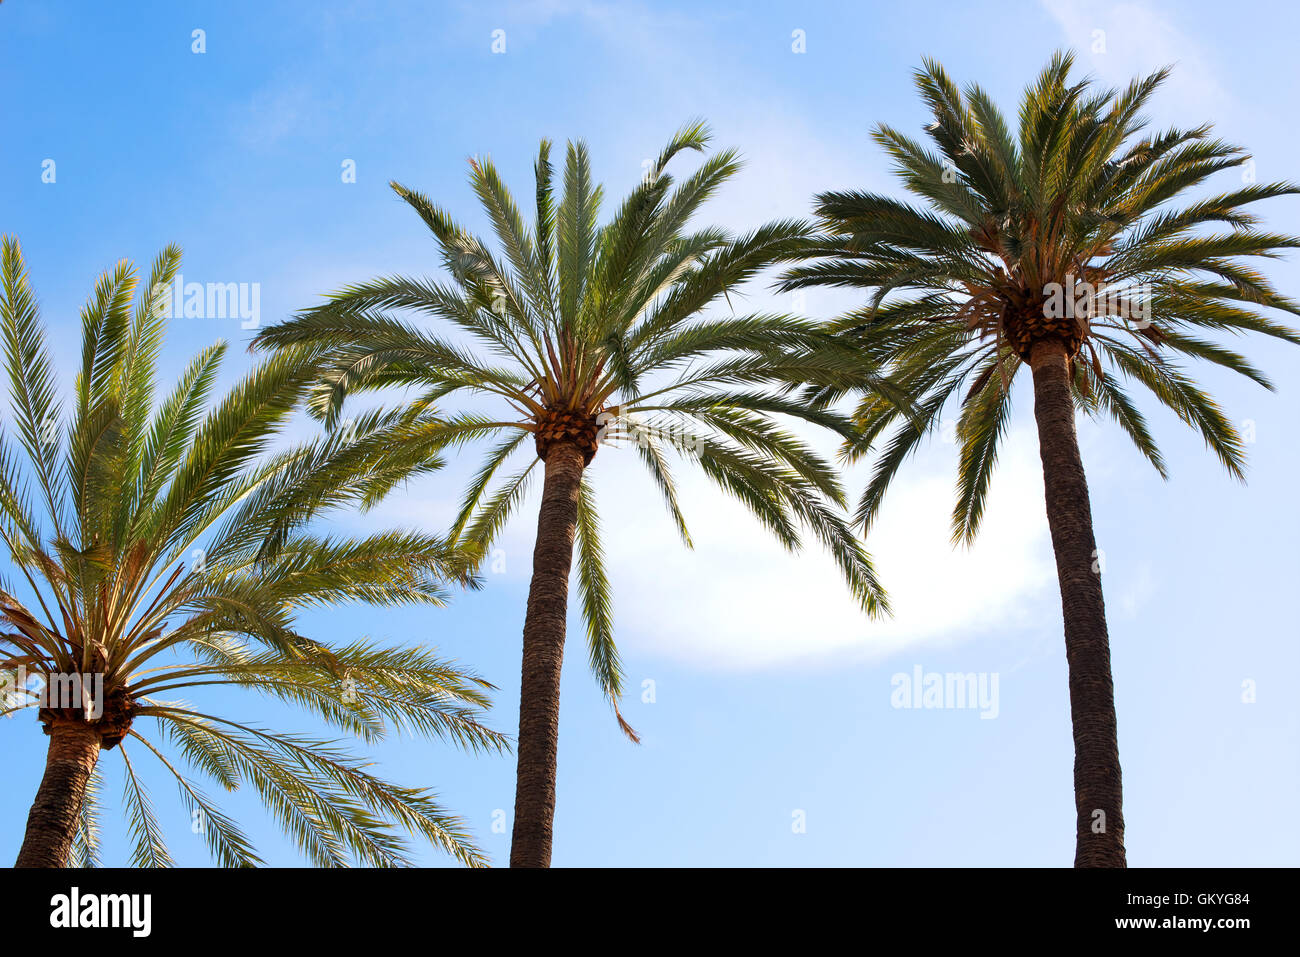 Corone e fronde di tre alberi di palma tropicali contro un soleggiato blue sky concettuale del viaggio estivo Immagini Stock